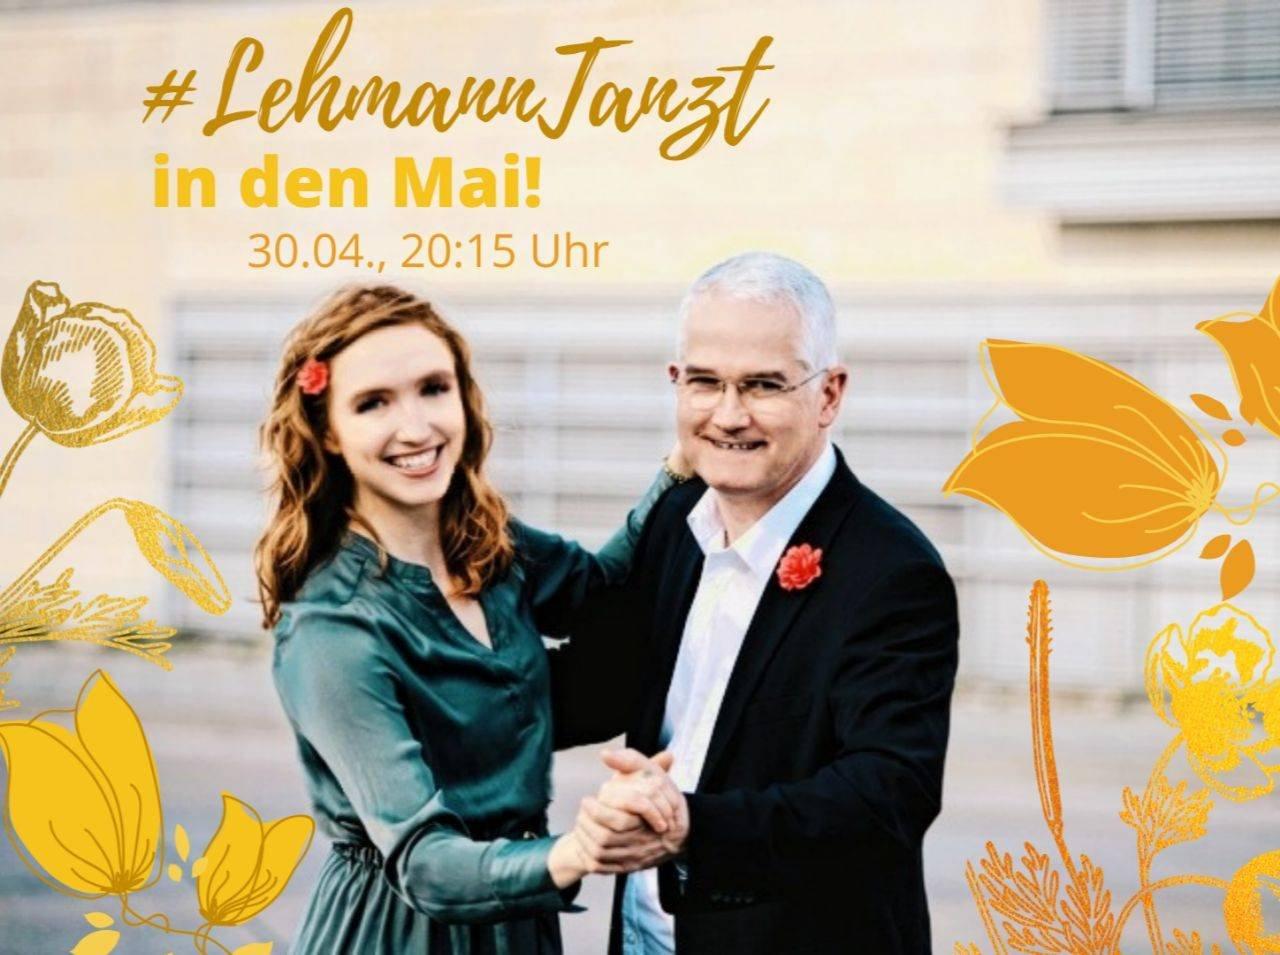 Lehmann tanzt